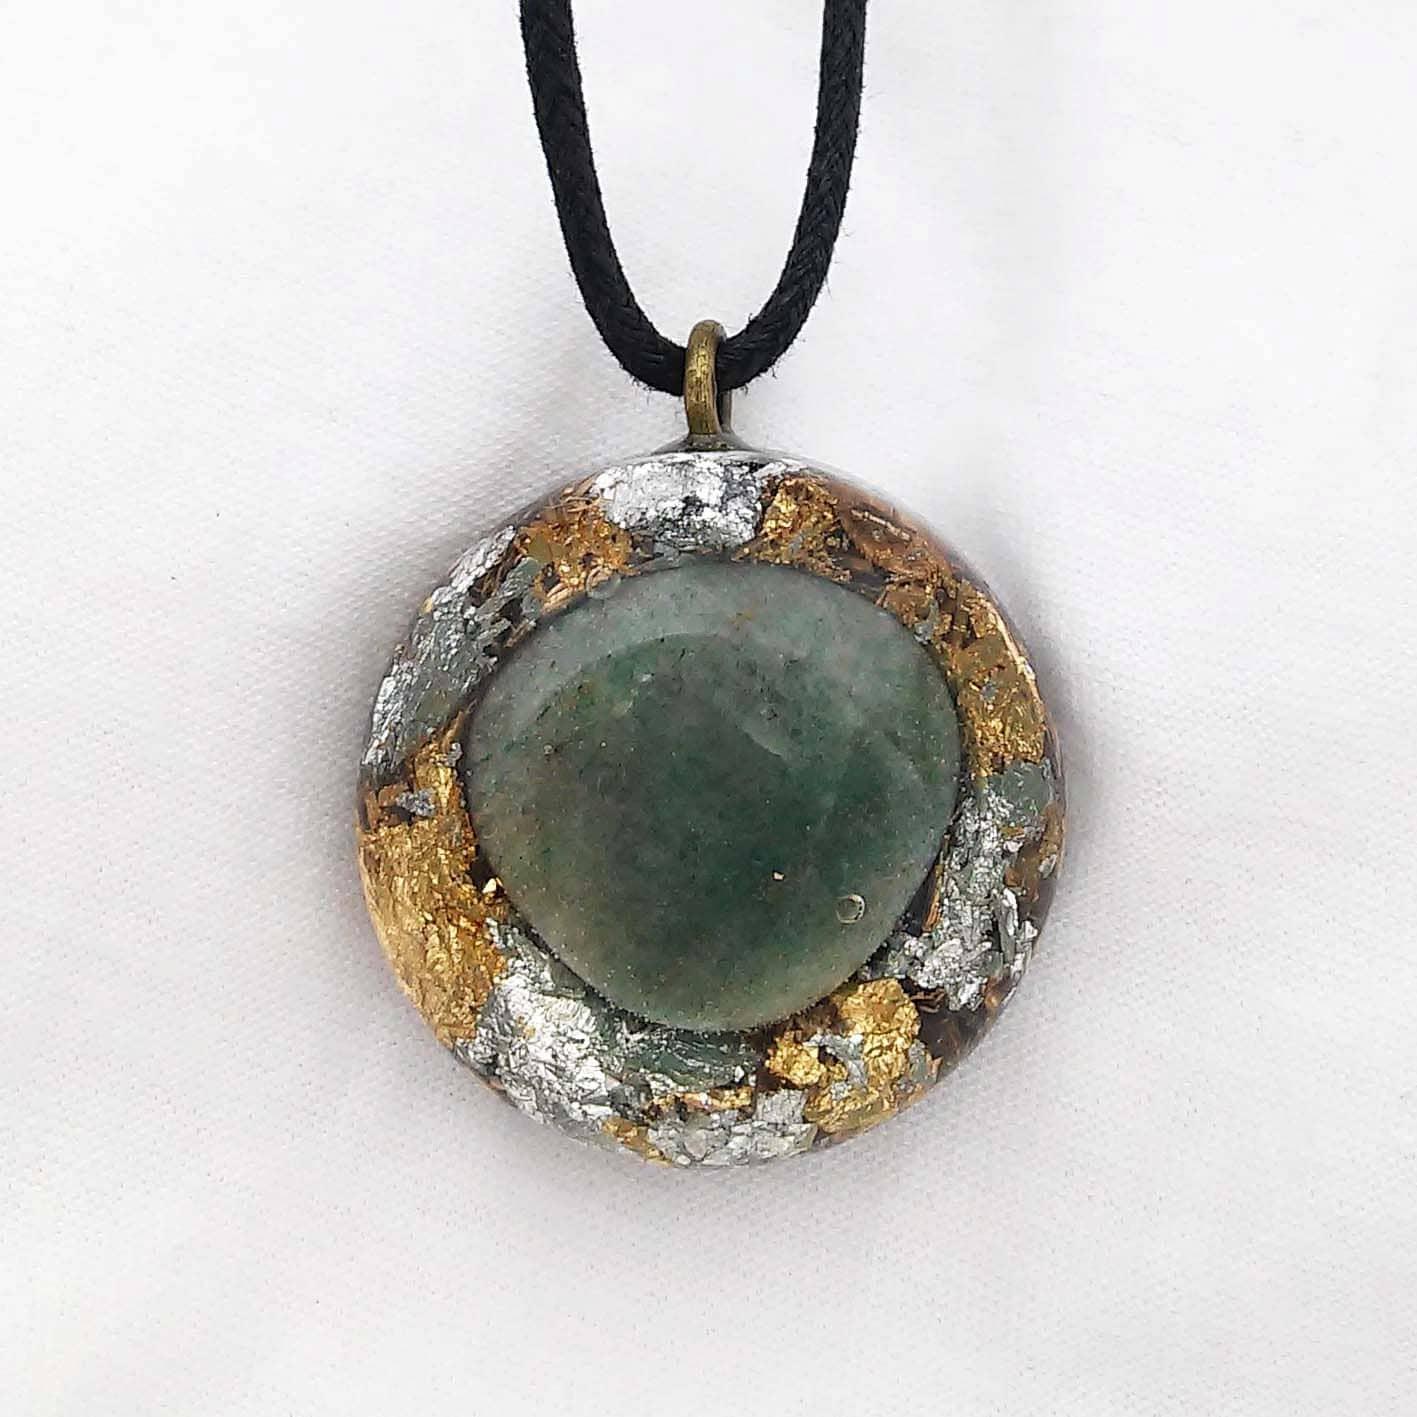 aventurine orgonite pendant handmade healing jewelry